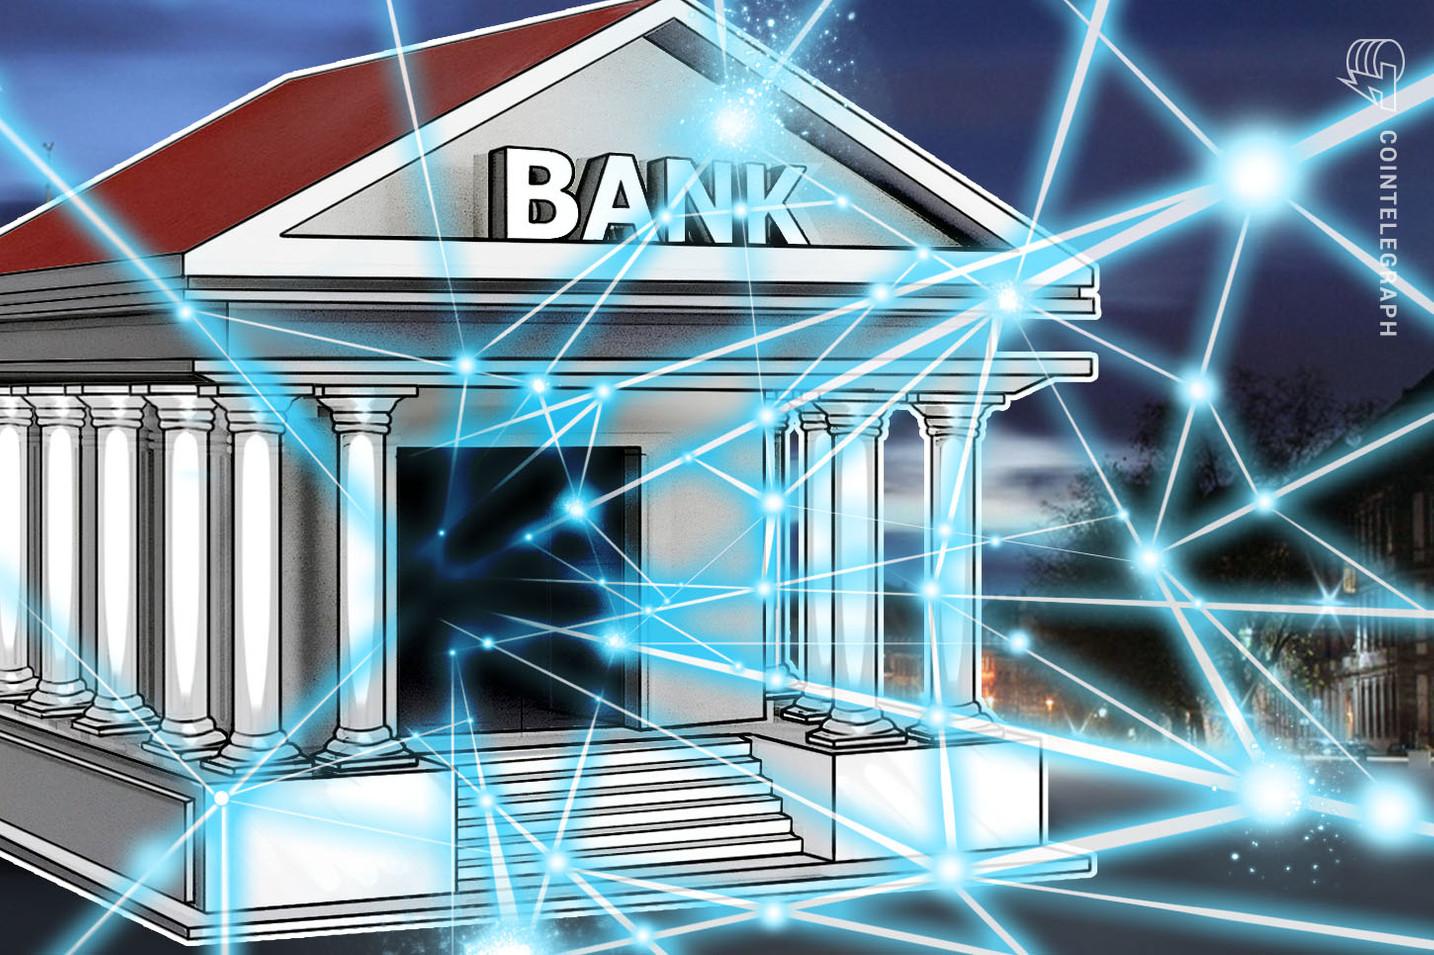 Solarisbank plant Geldgeschäfte mit Blockchain-Firmen